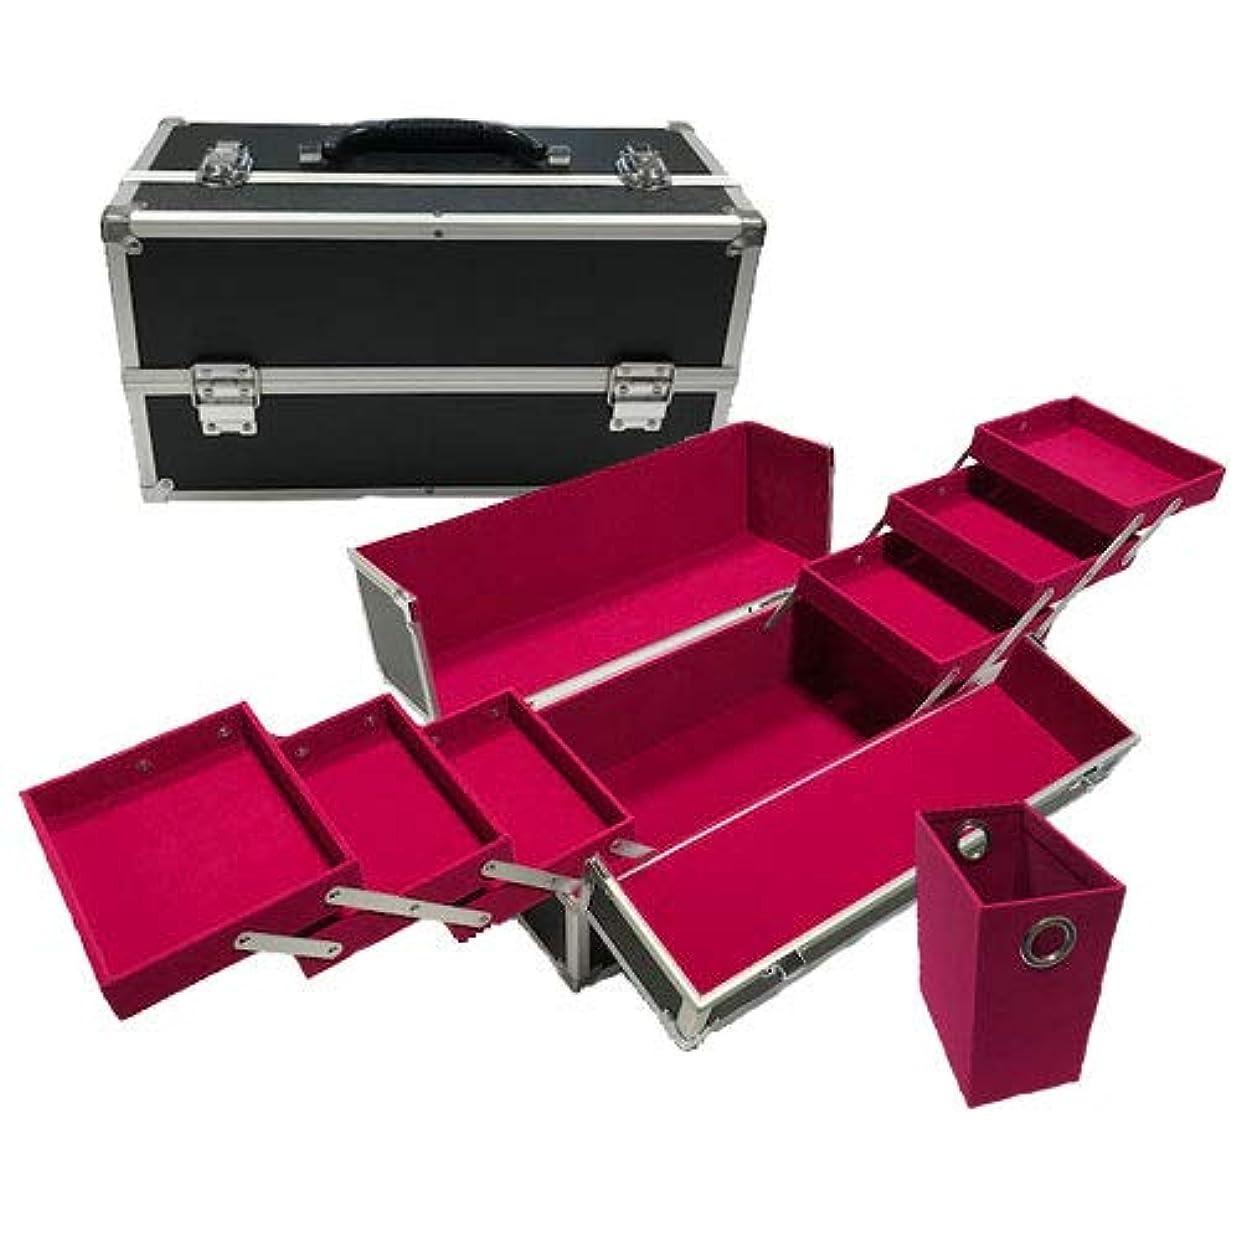 待ってつま先うぬぼれリライアブル コスメボックス ワイド RB202-BKVP 鍵付き プロ仕様 メイクボックス 大容量 化粧品収納 小物入れ 6段トレー ベロア メイクケース コスメBOX 持ち運び ネイルケース